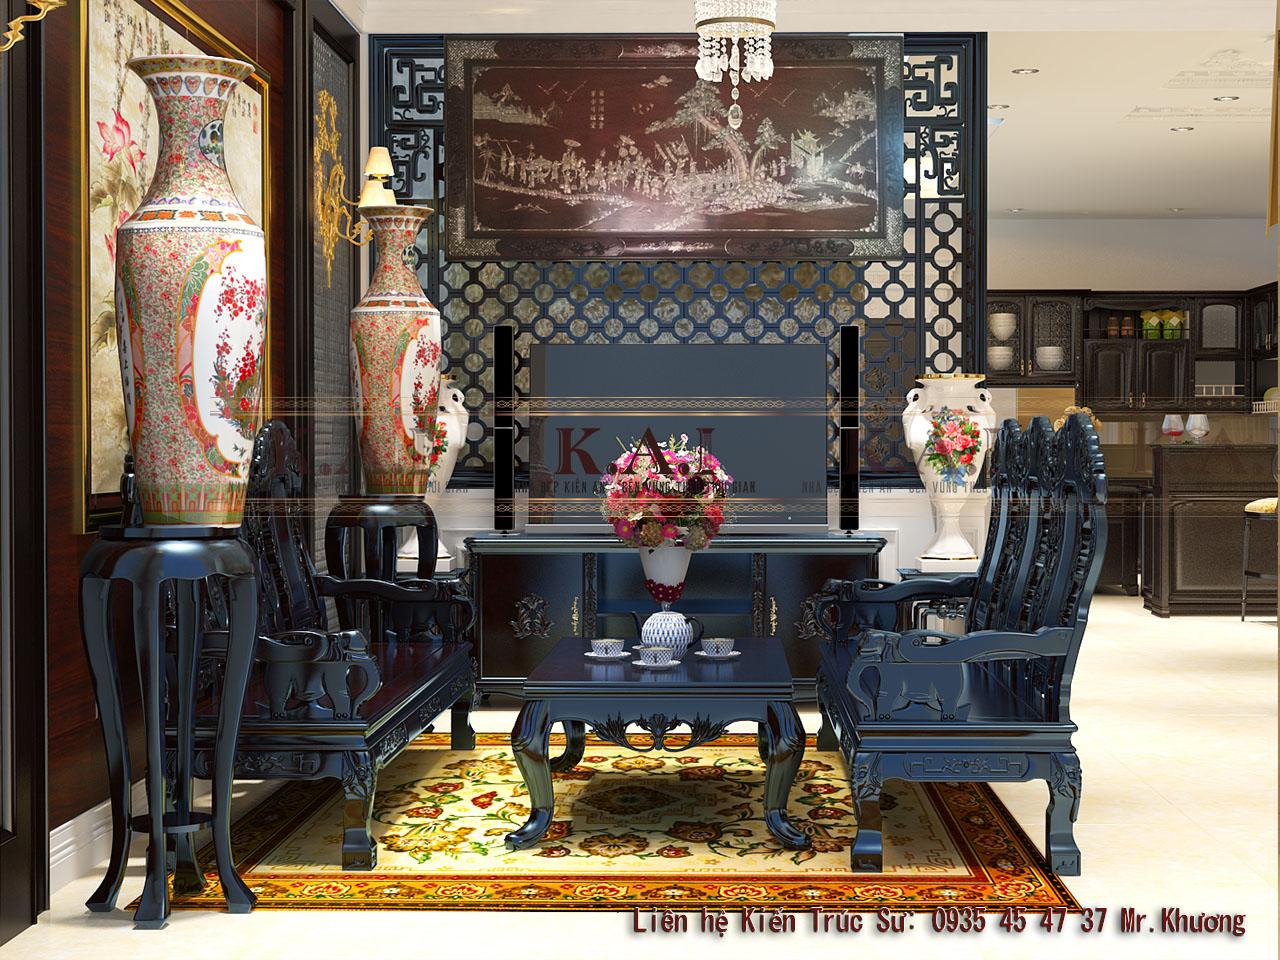 Trang trí nội thất gỗ sơn đen cho biệt thự tại Tiền Giang